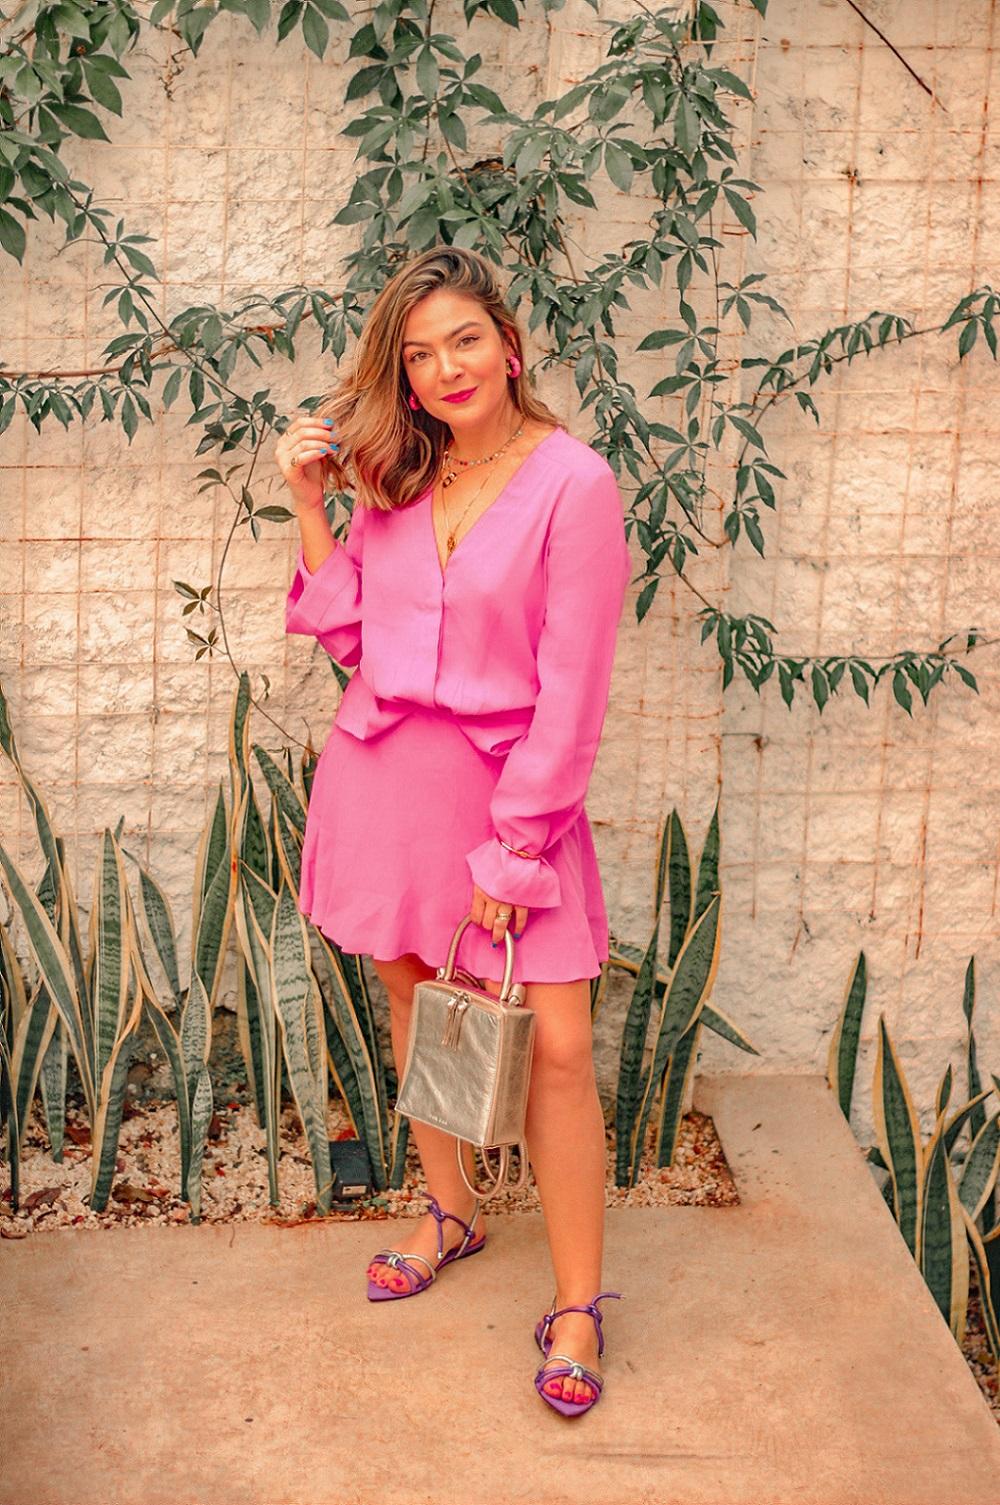 Look Rosa Com Roxo, look vestido rosa, look vestido rosa sapato roxo, look vestido rosa sandalia roxa, rosa com roxo, look vestido animal, vestido animale, animale, vestido rosa animale, look vestido rosa animale, look vicenza, vicenza, look sandalia vicenza, look sandália roxa vicenza